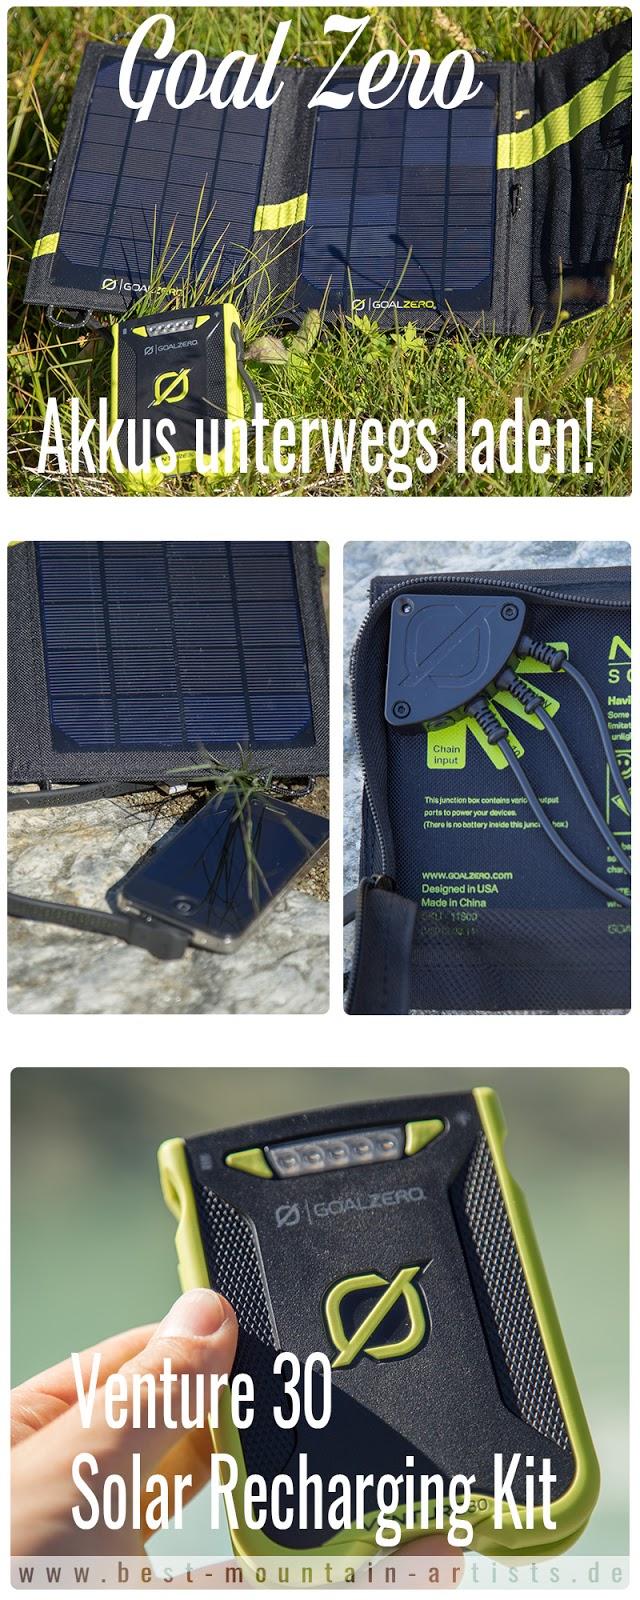 Goal-Zero Solar-Ladegerät venture-30 nomad-7 solar-charging 08